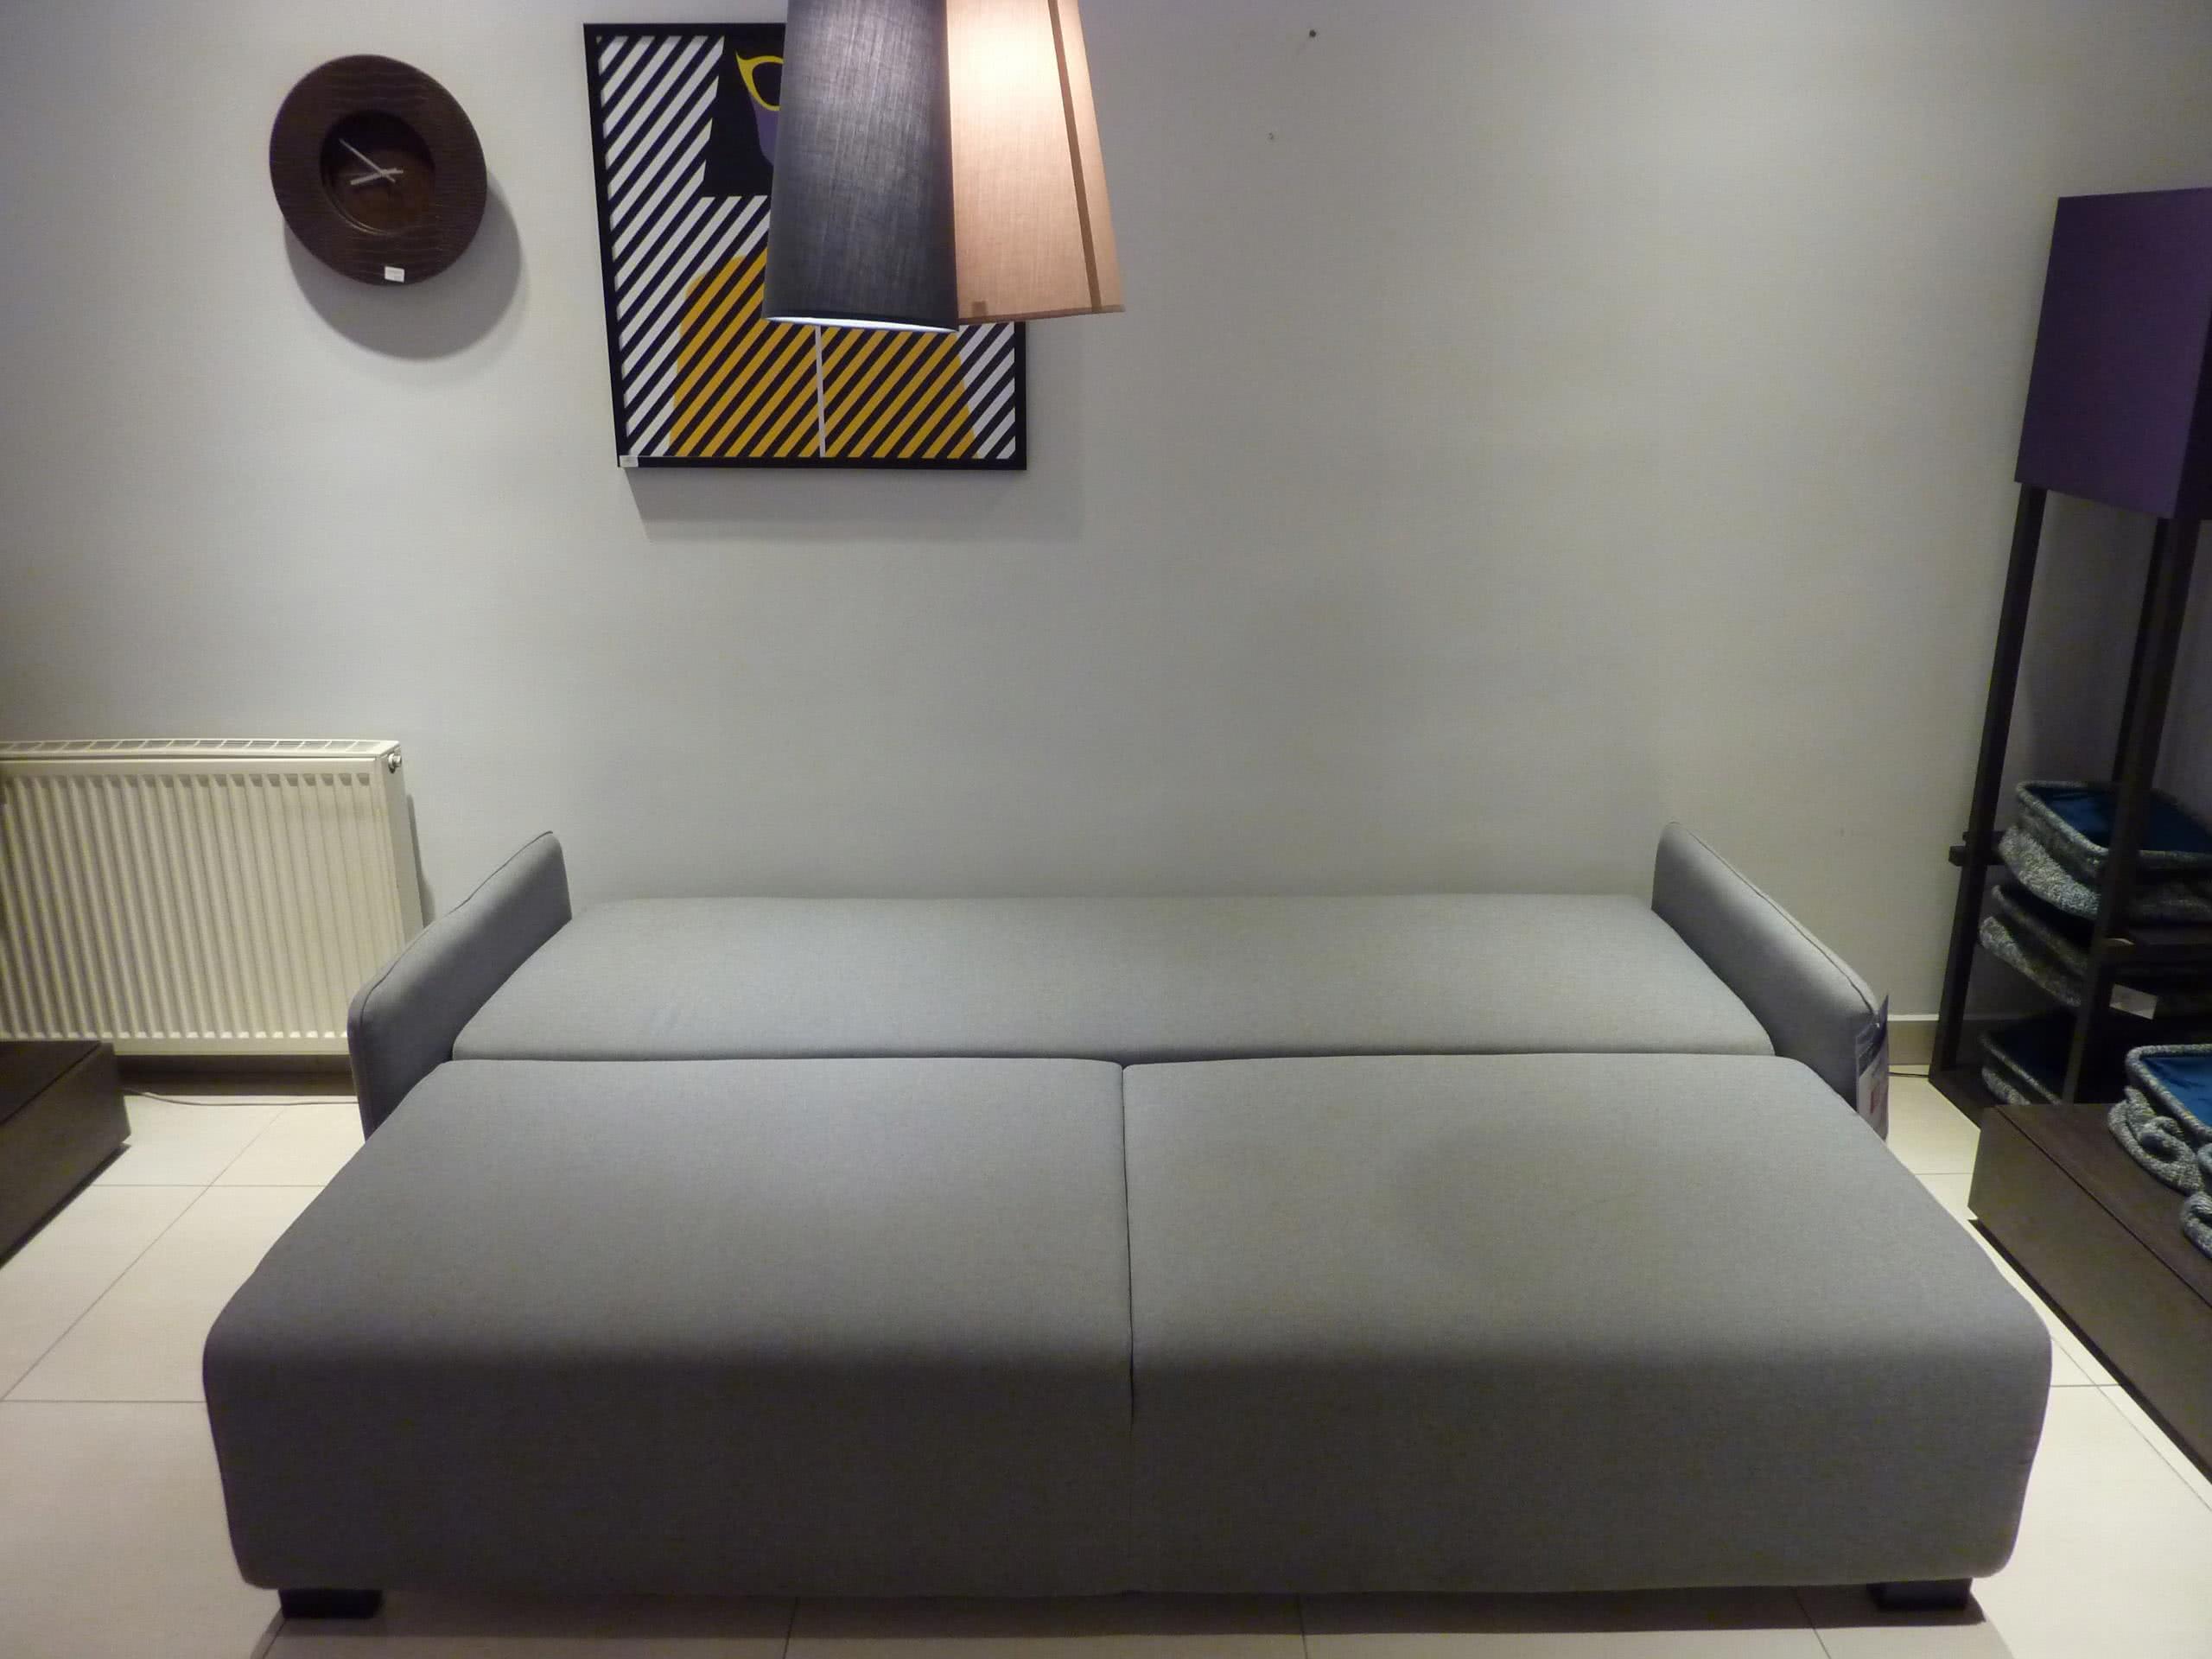 Sofa Jasper Z Vox Vs Vimle Z Ikea Szukam Ekipy Materiałów